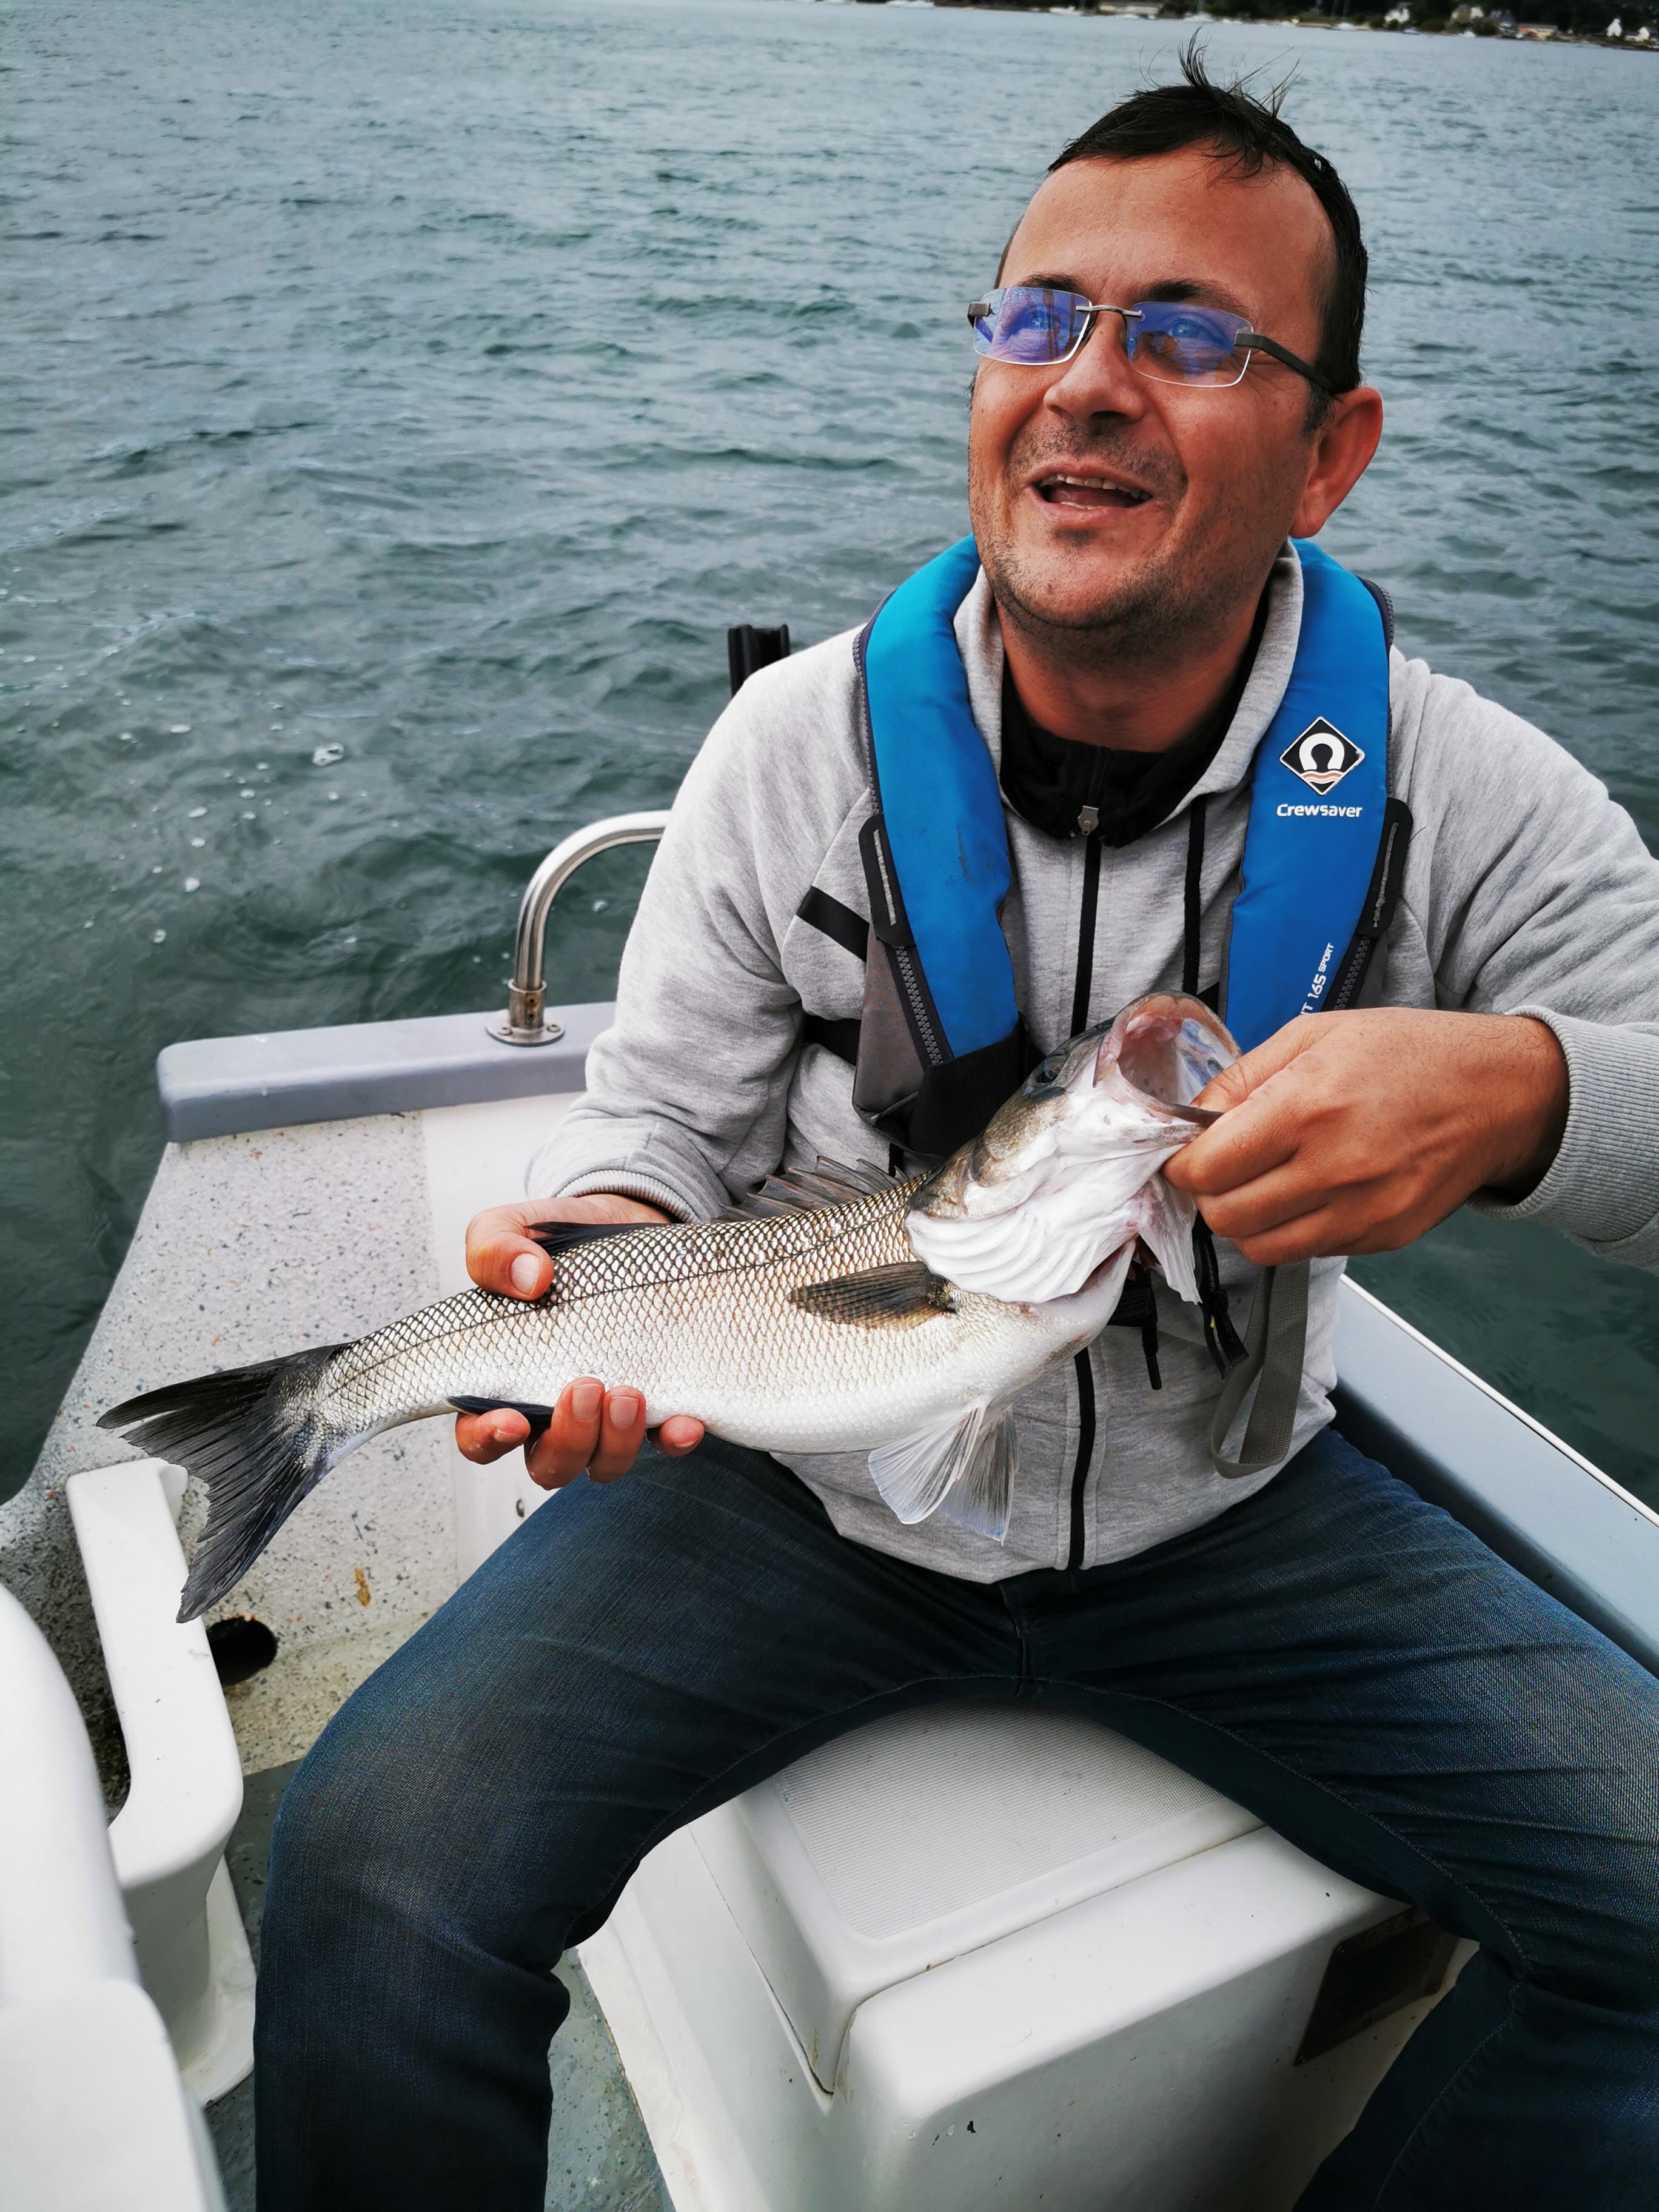 Pierre-Yves Perrodo guide de pêche, Pierre Yves perrodo guide de peche golfe du morbihan, guidagepechemorbihan, perrodo guide de peche ultimate fishing